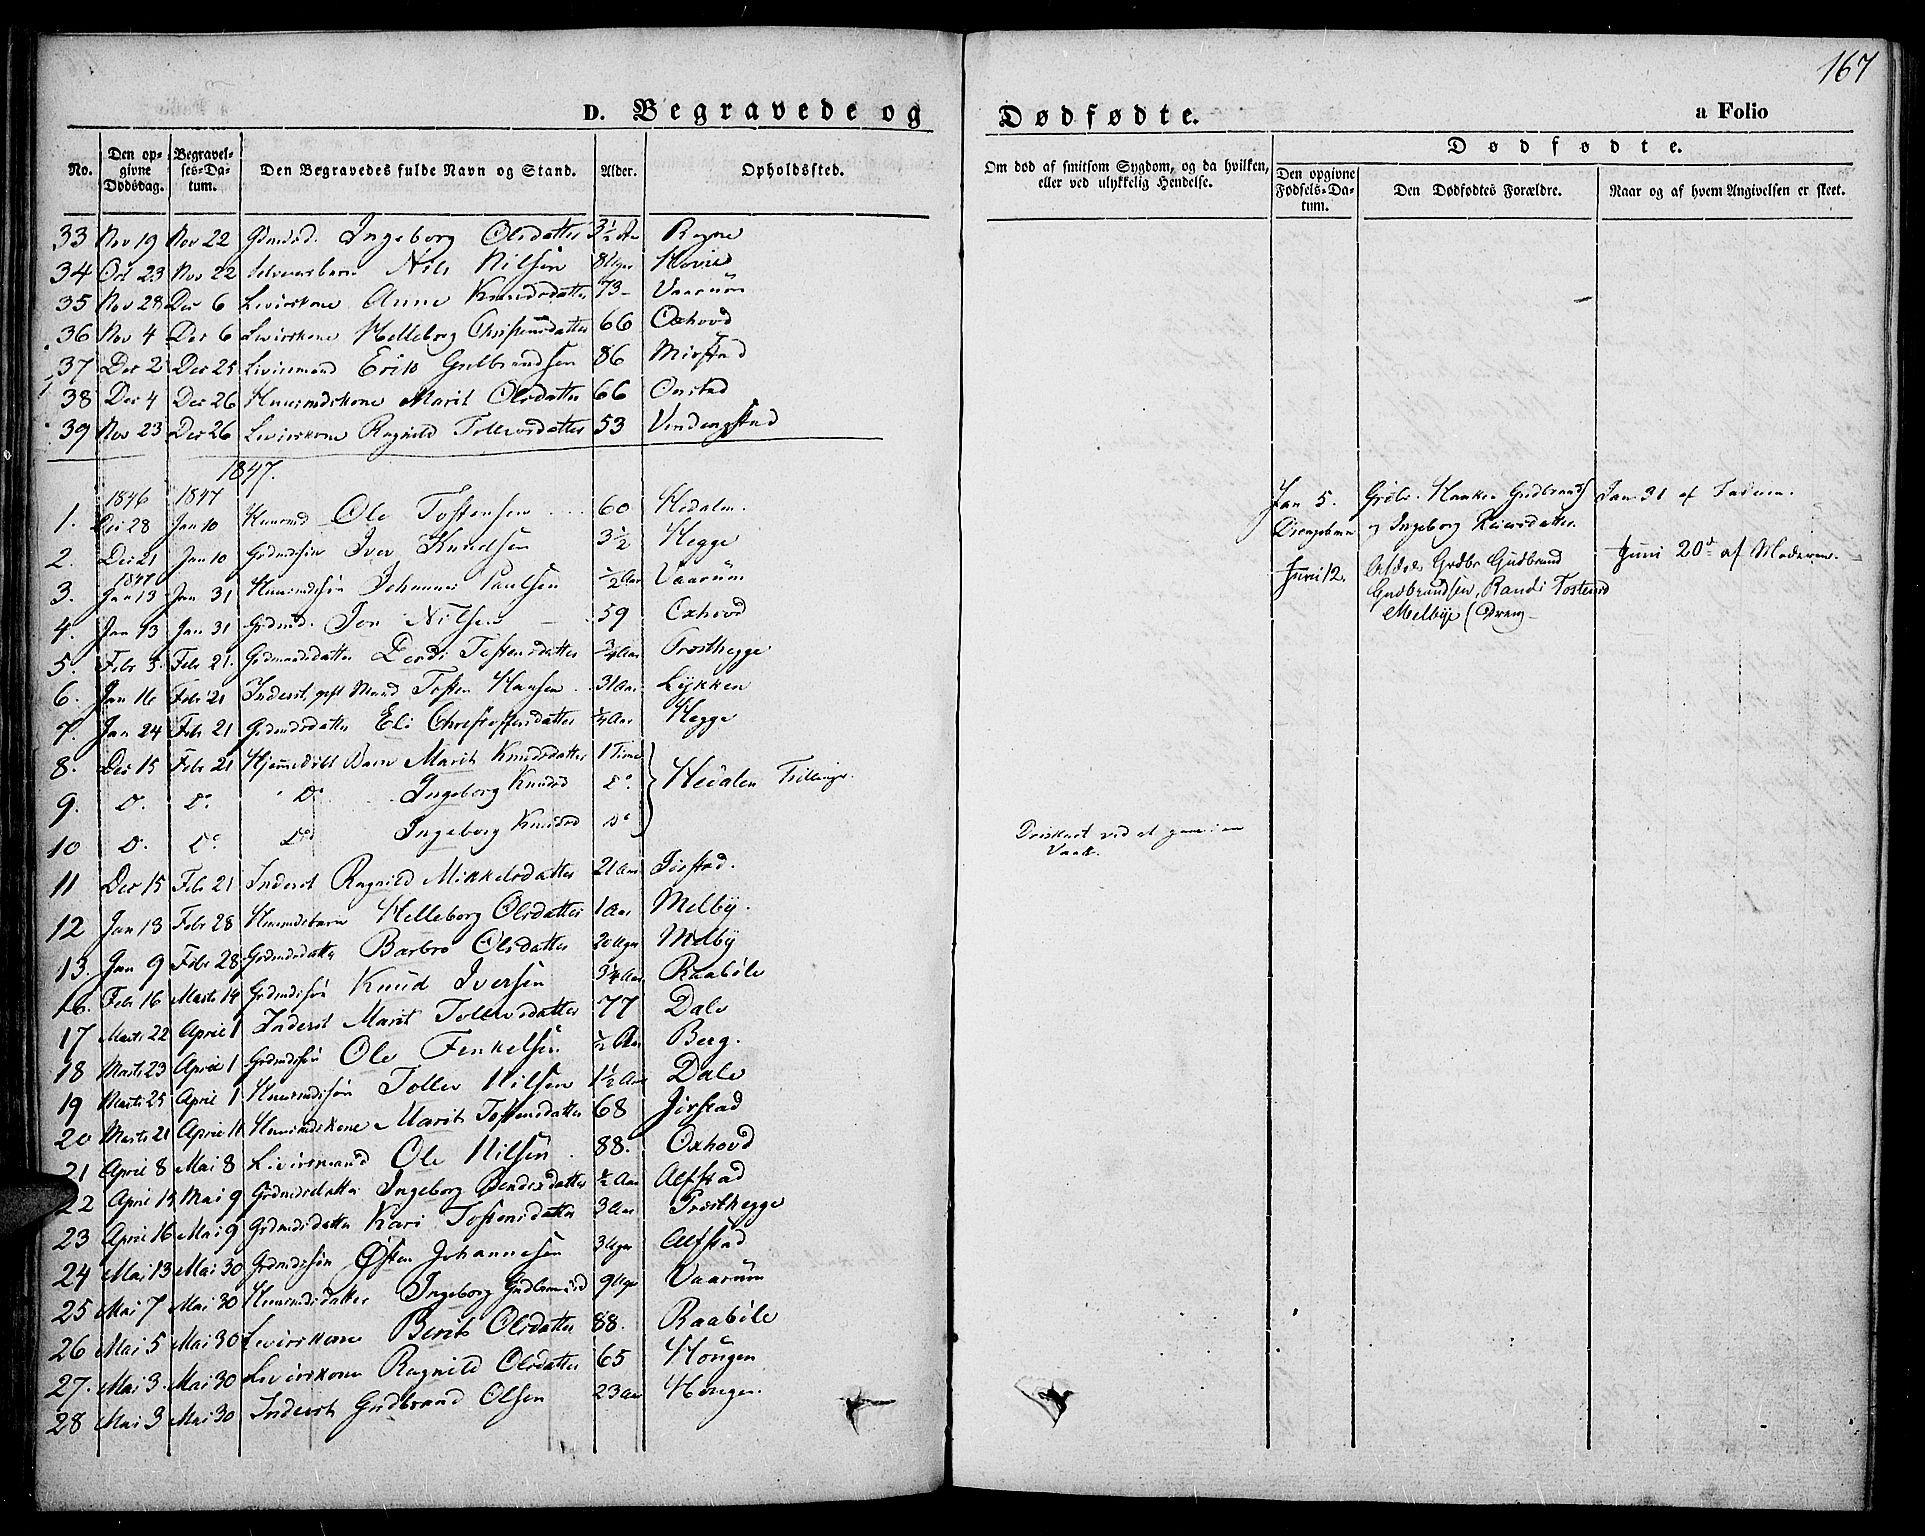 SAH, Slidre prestekontor, Ministerialbok nr. 4, 1831-1848, s. 167